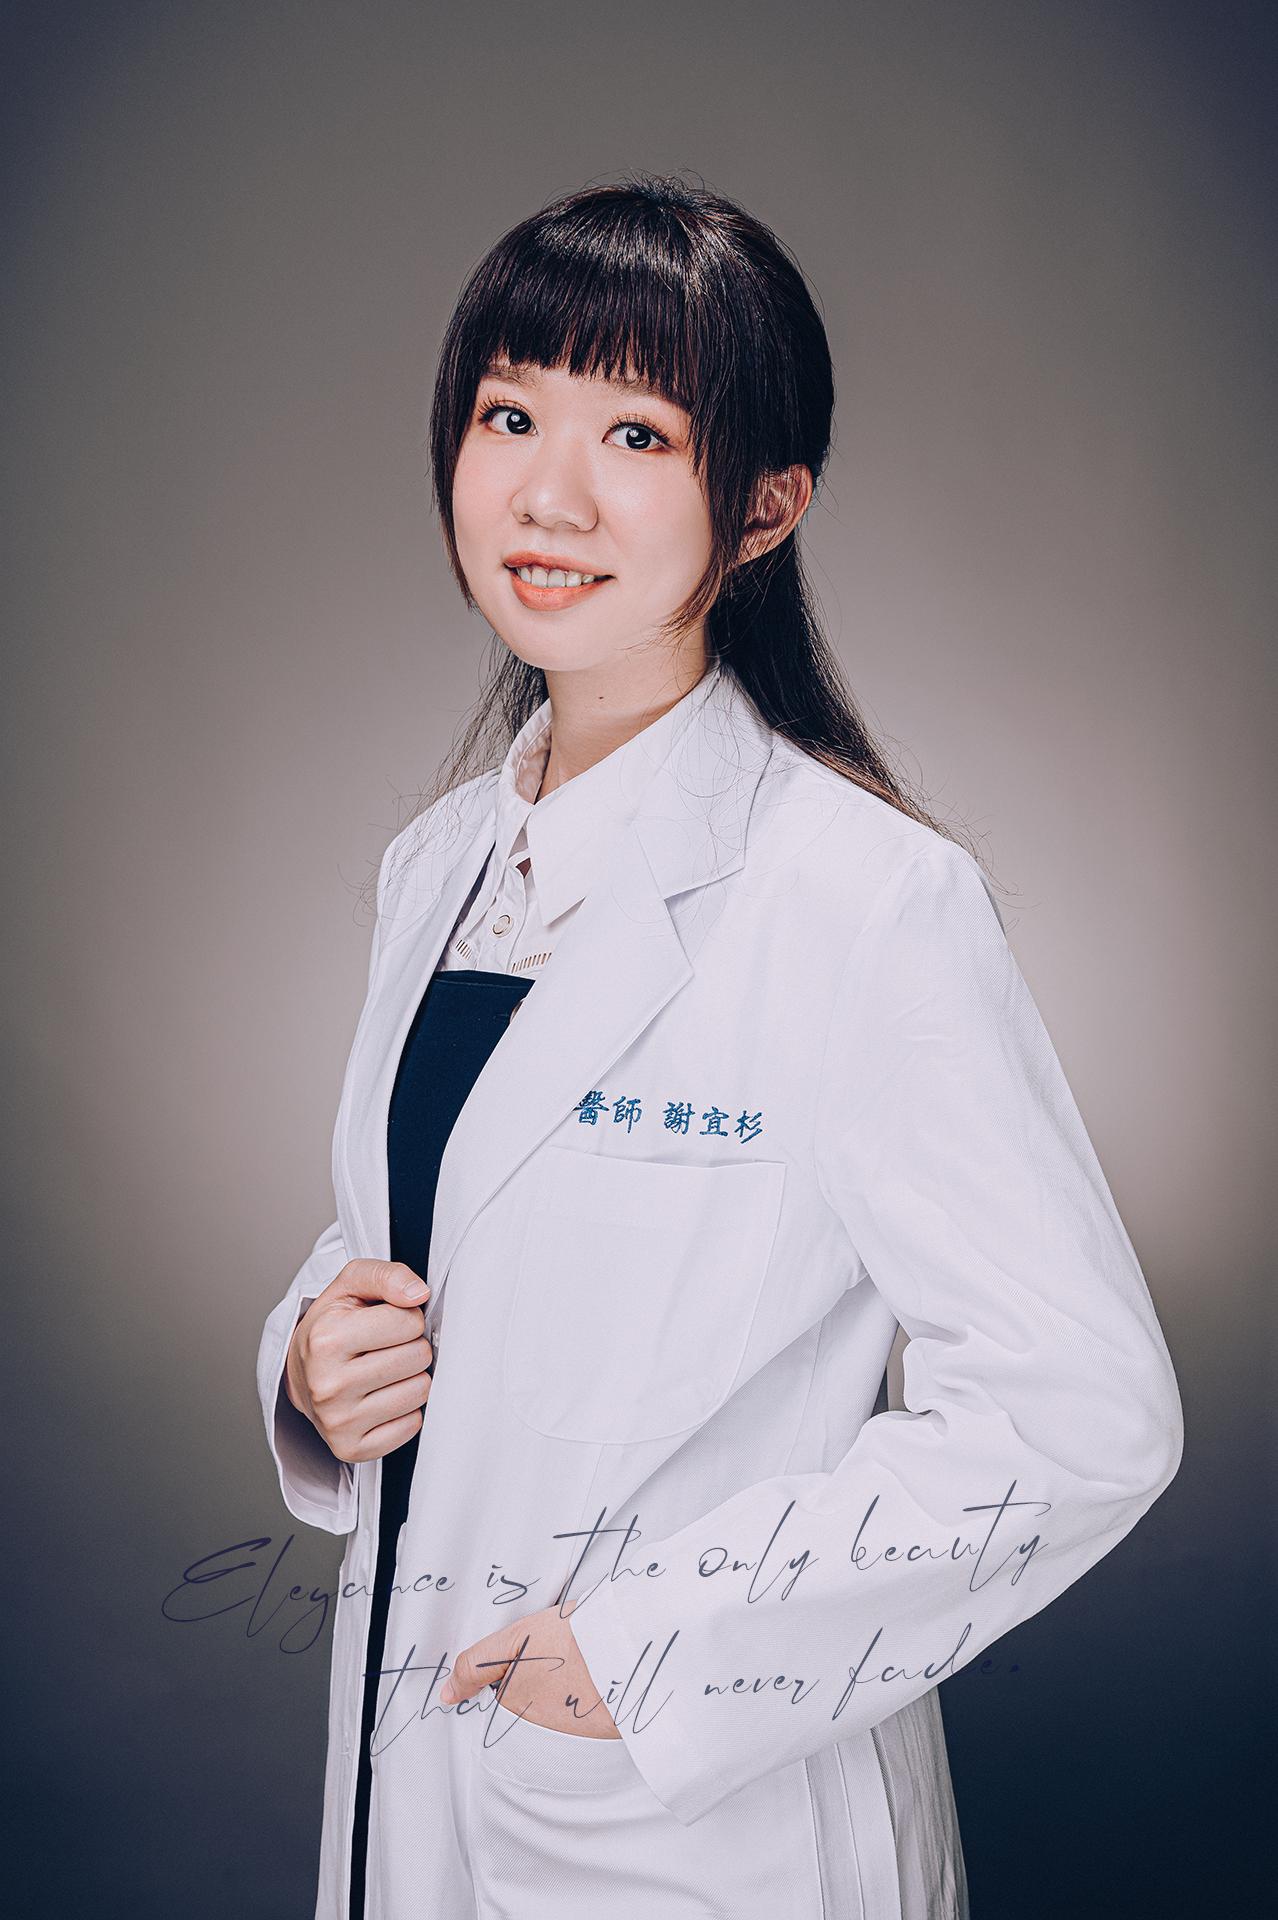 形象美照-醫生01